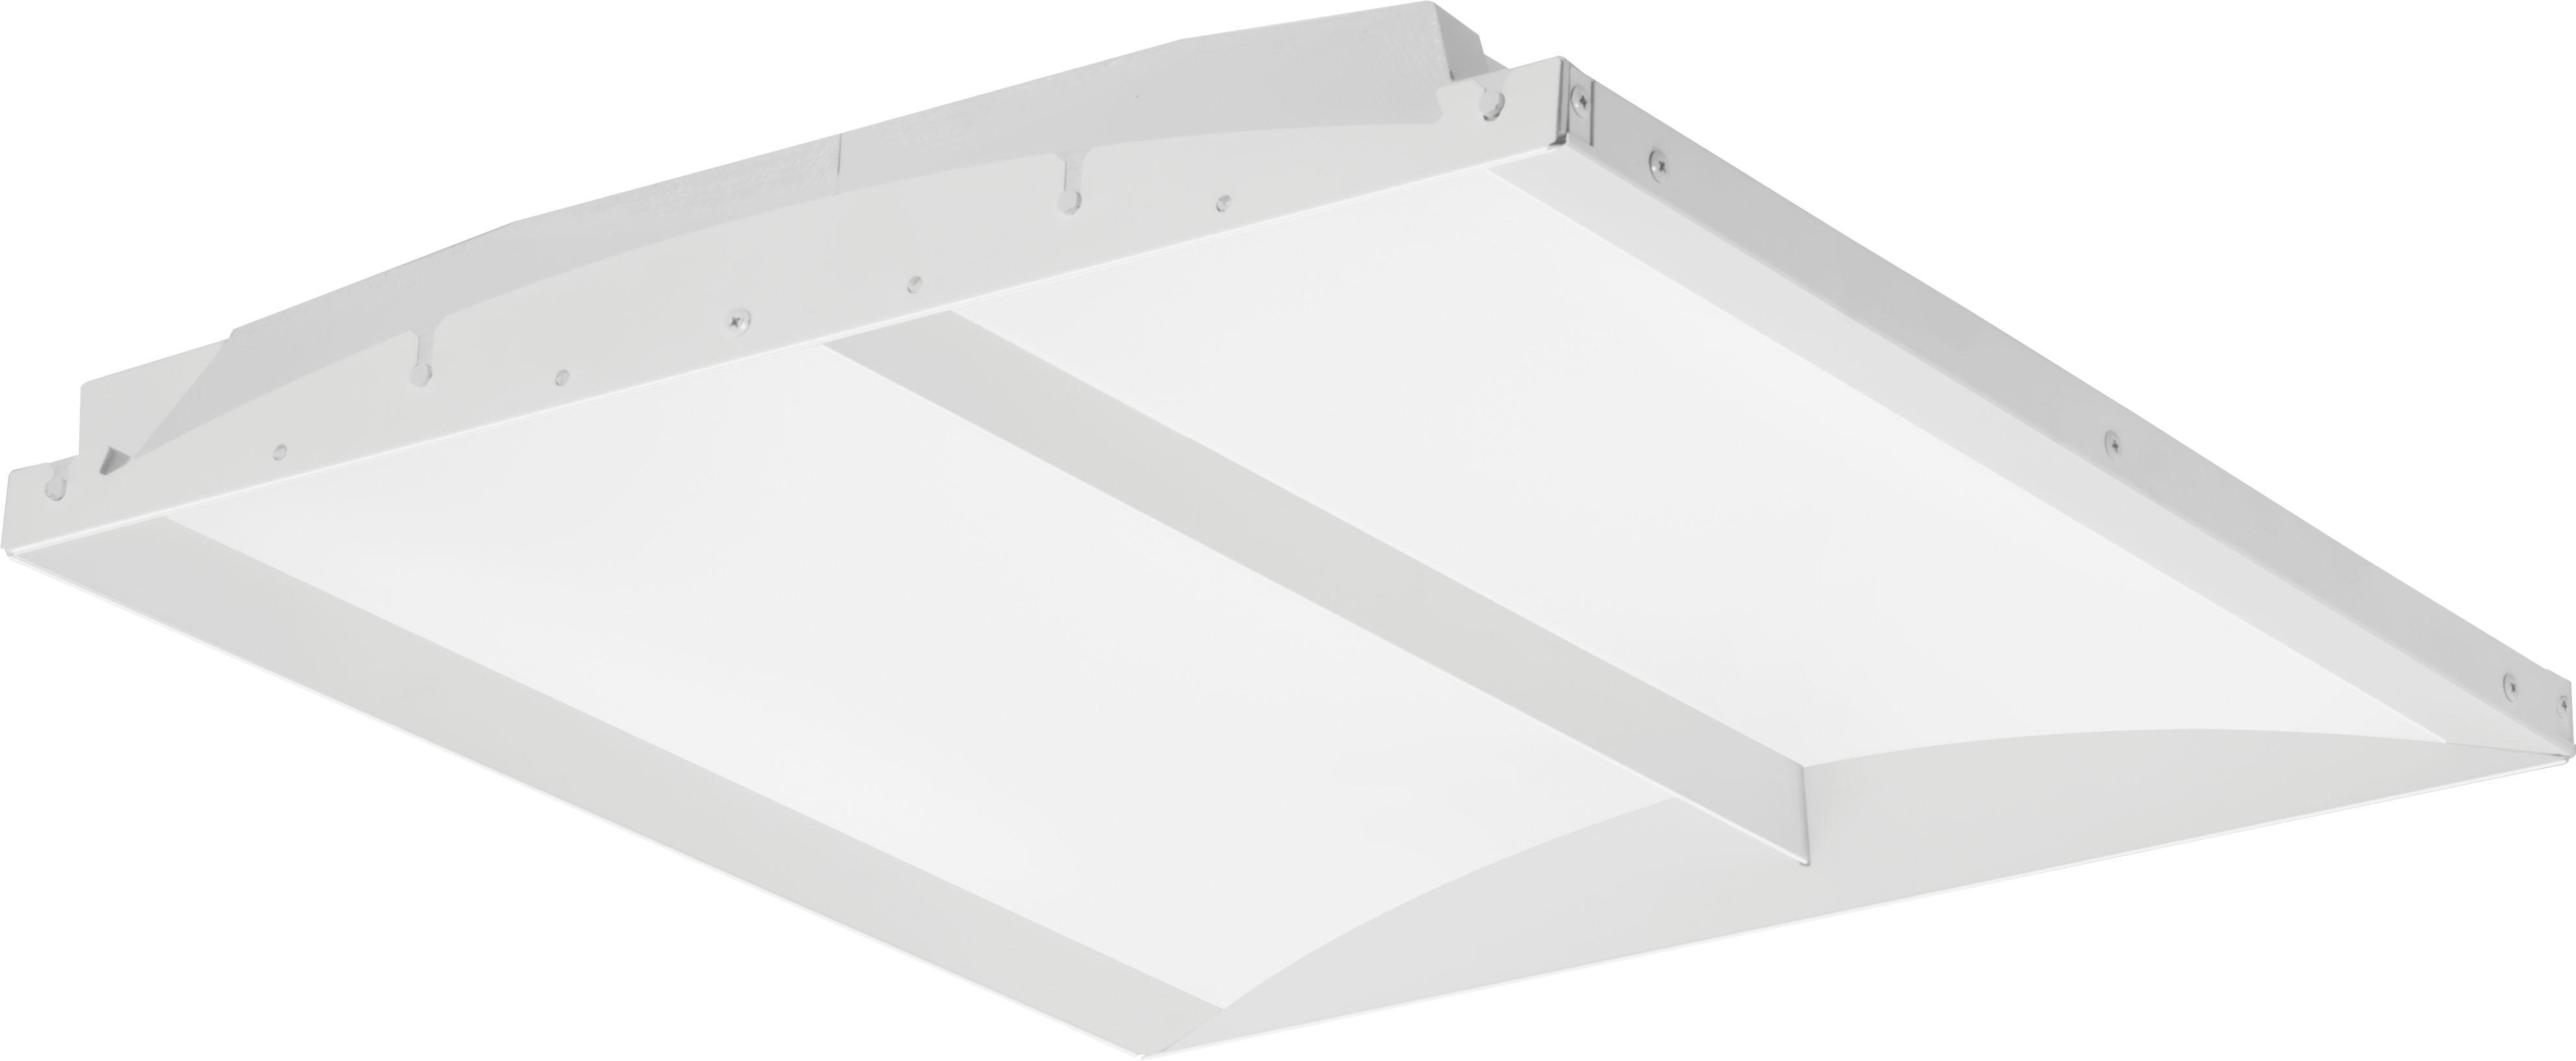 ENVEX 2X2 HRGC_Illuminated